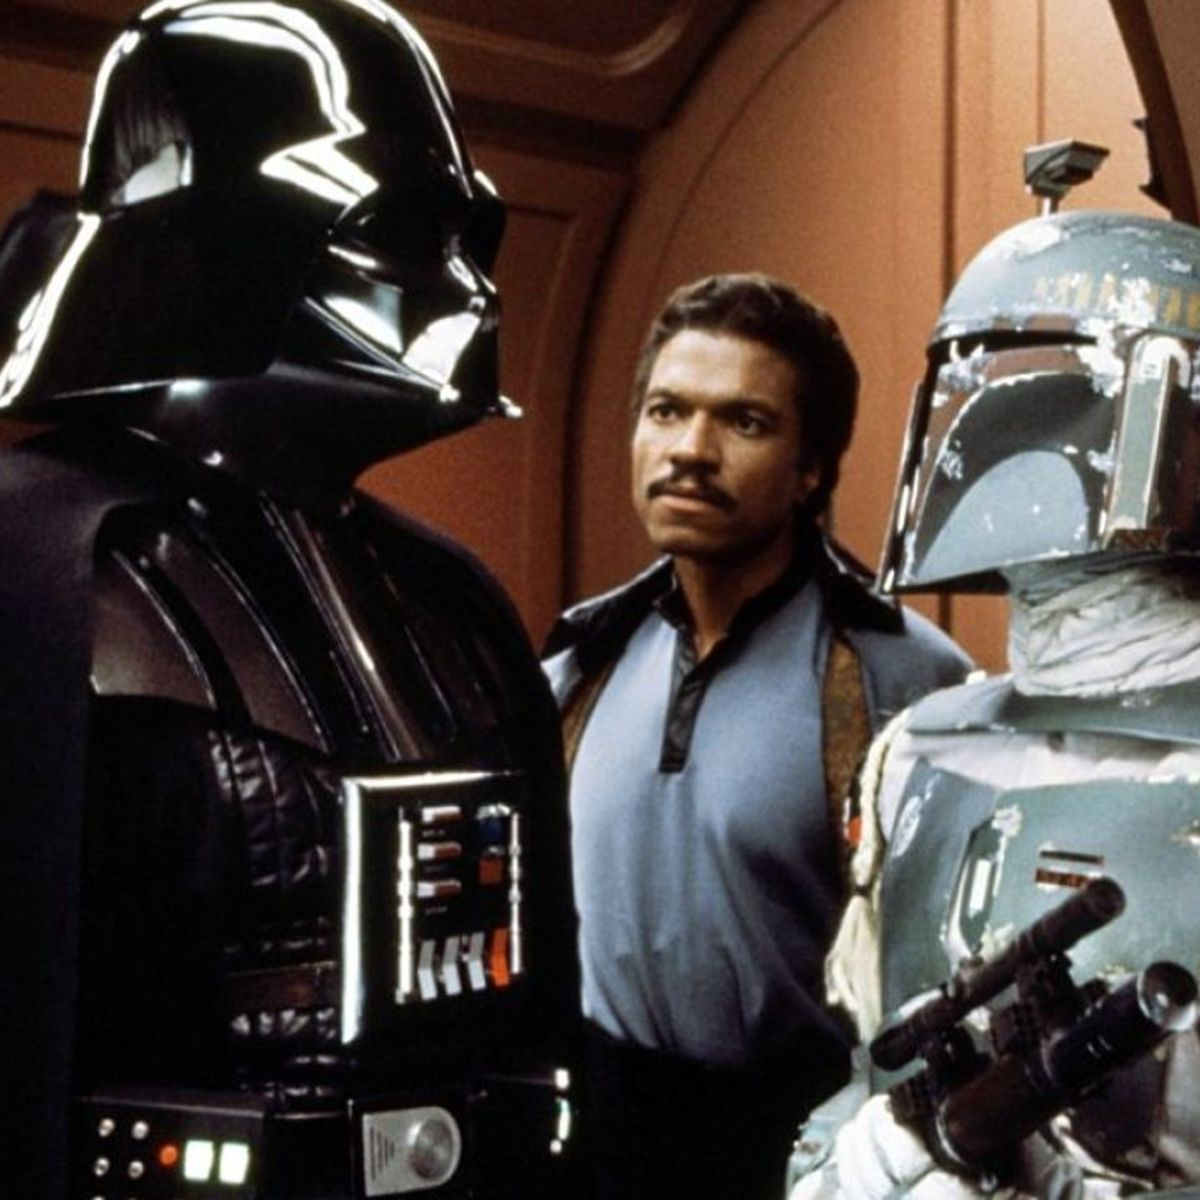 star-wars-episode-v-the-empire-strikes-back14.jpg